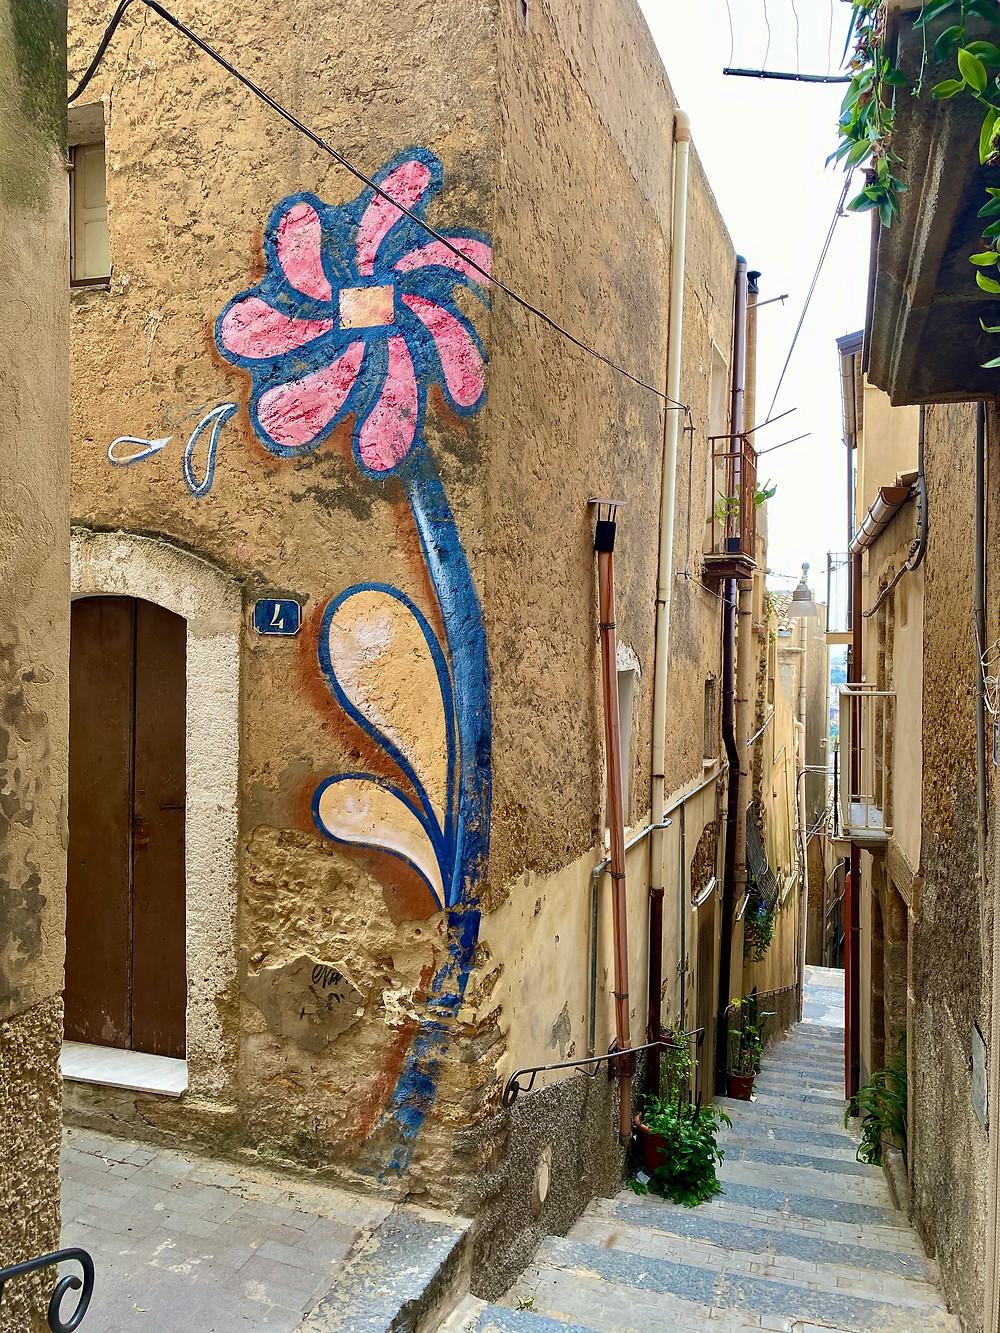 caltagirone-sicily-street-art-11